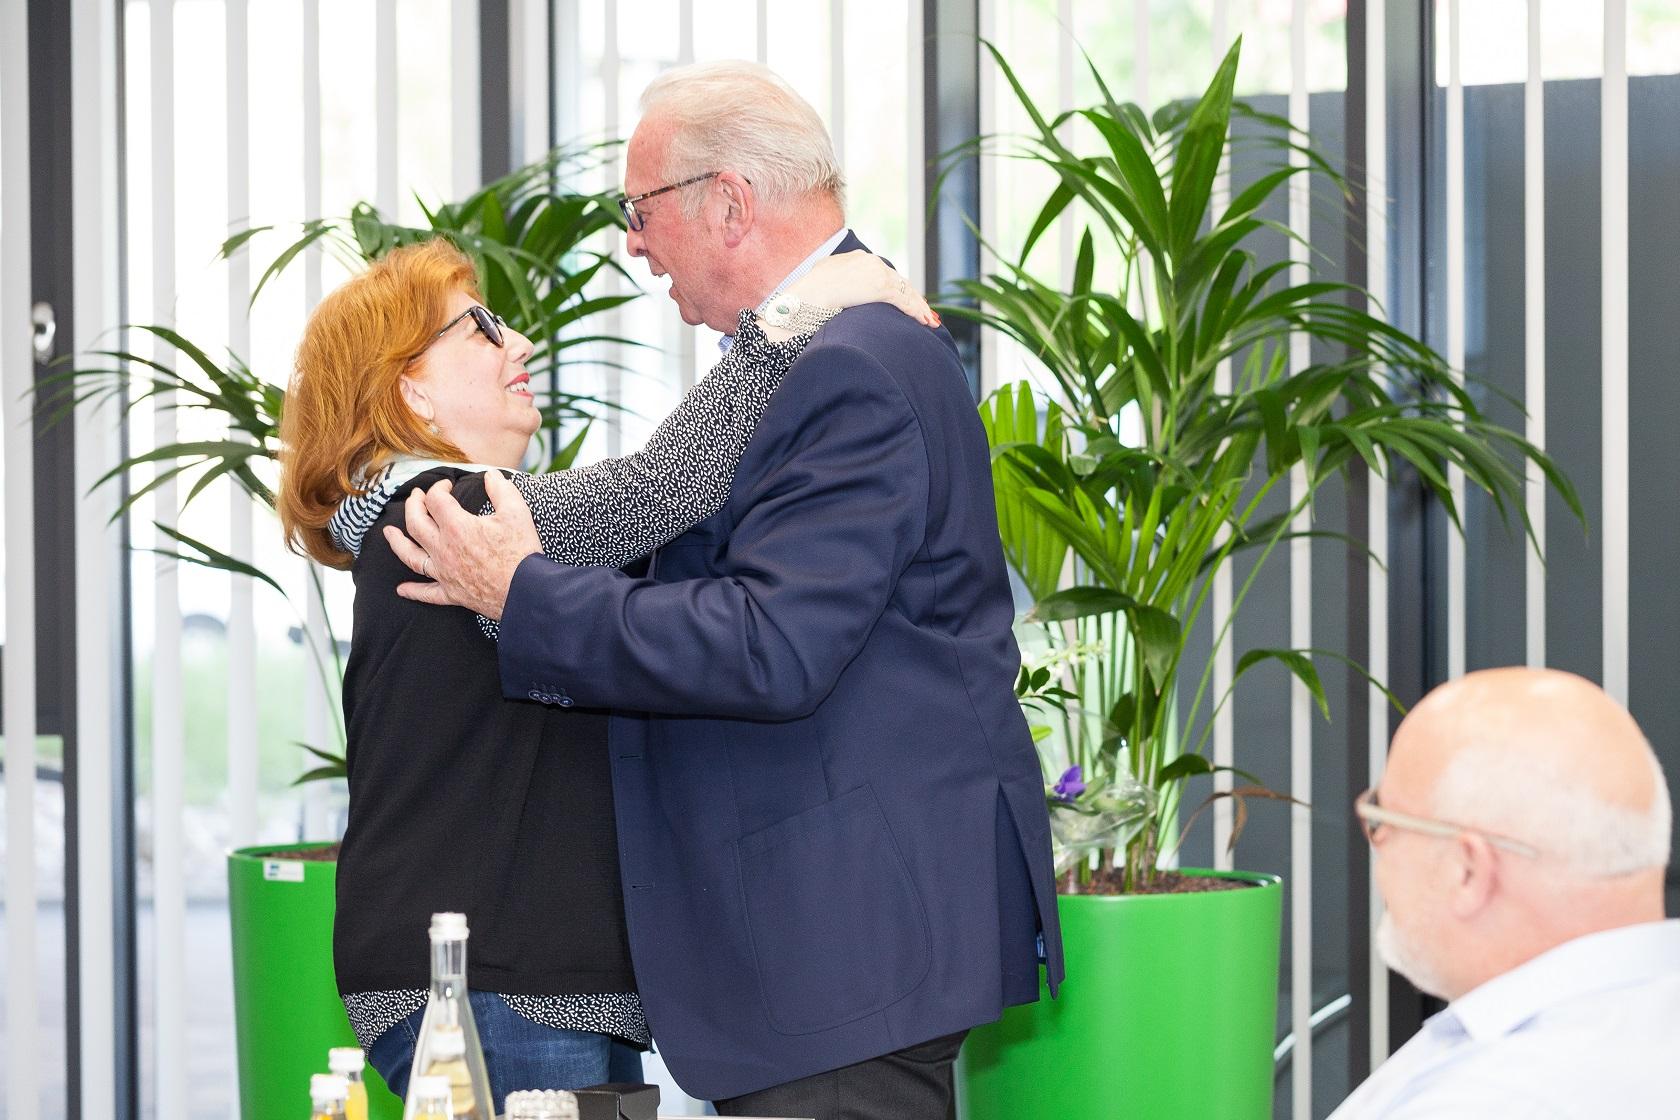 Dieter Mollenkopf umarmt Gabriele Umlauf